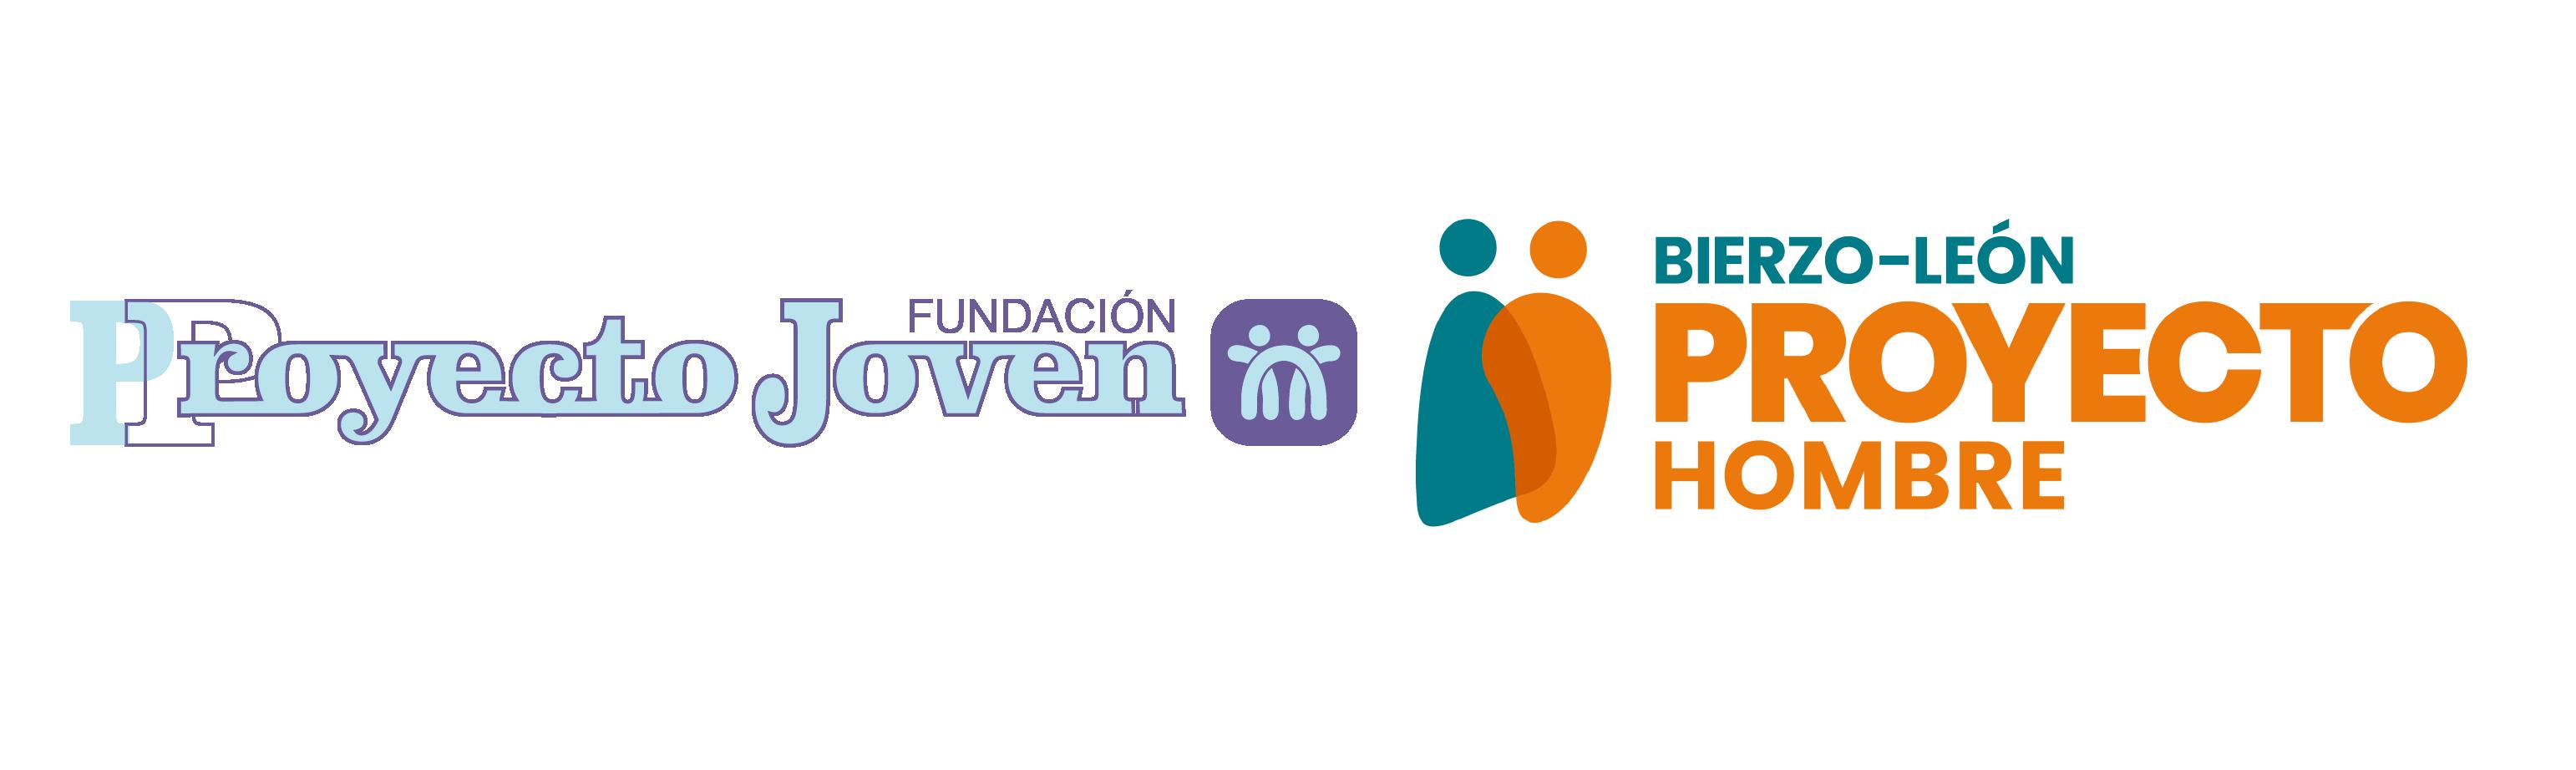 PROYECTO JOVEN · PROYECTO HOMBRE | León